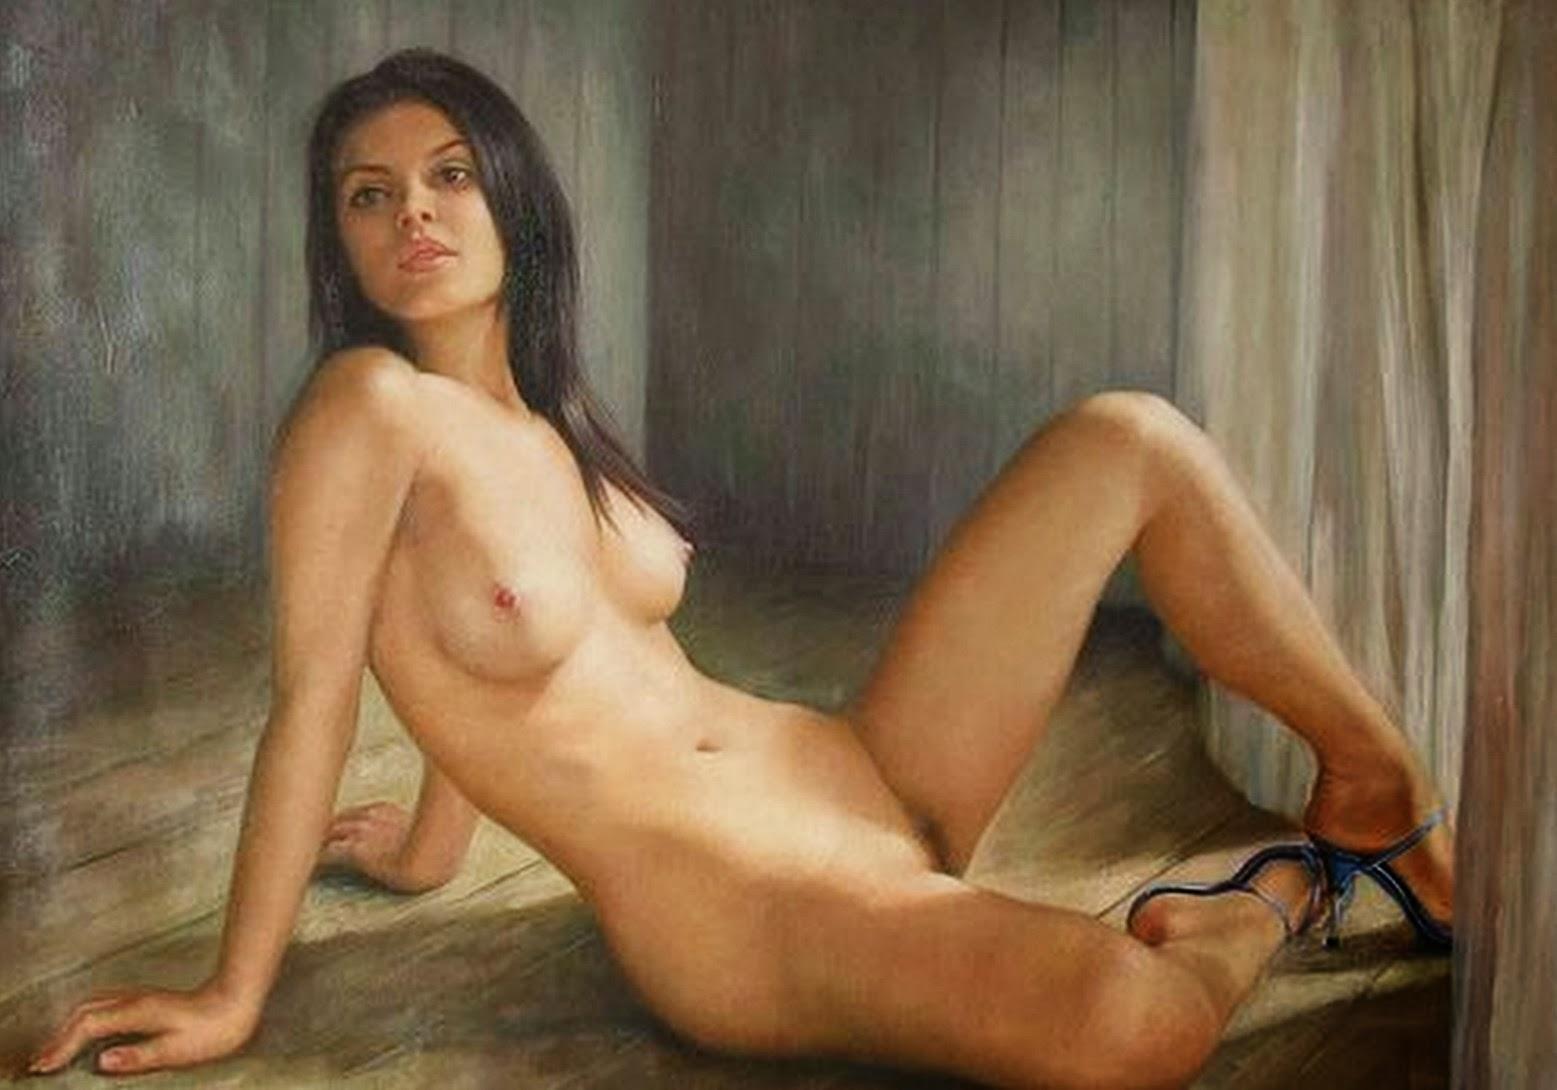 La Pintora Del Desnudo Art Stico Kiera Malone Artista De Francia